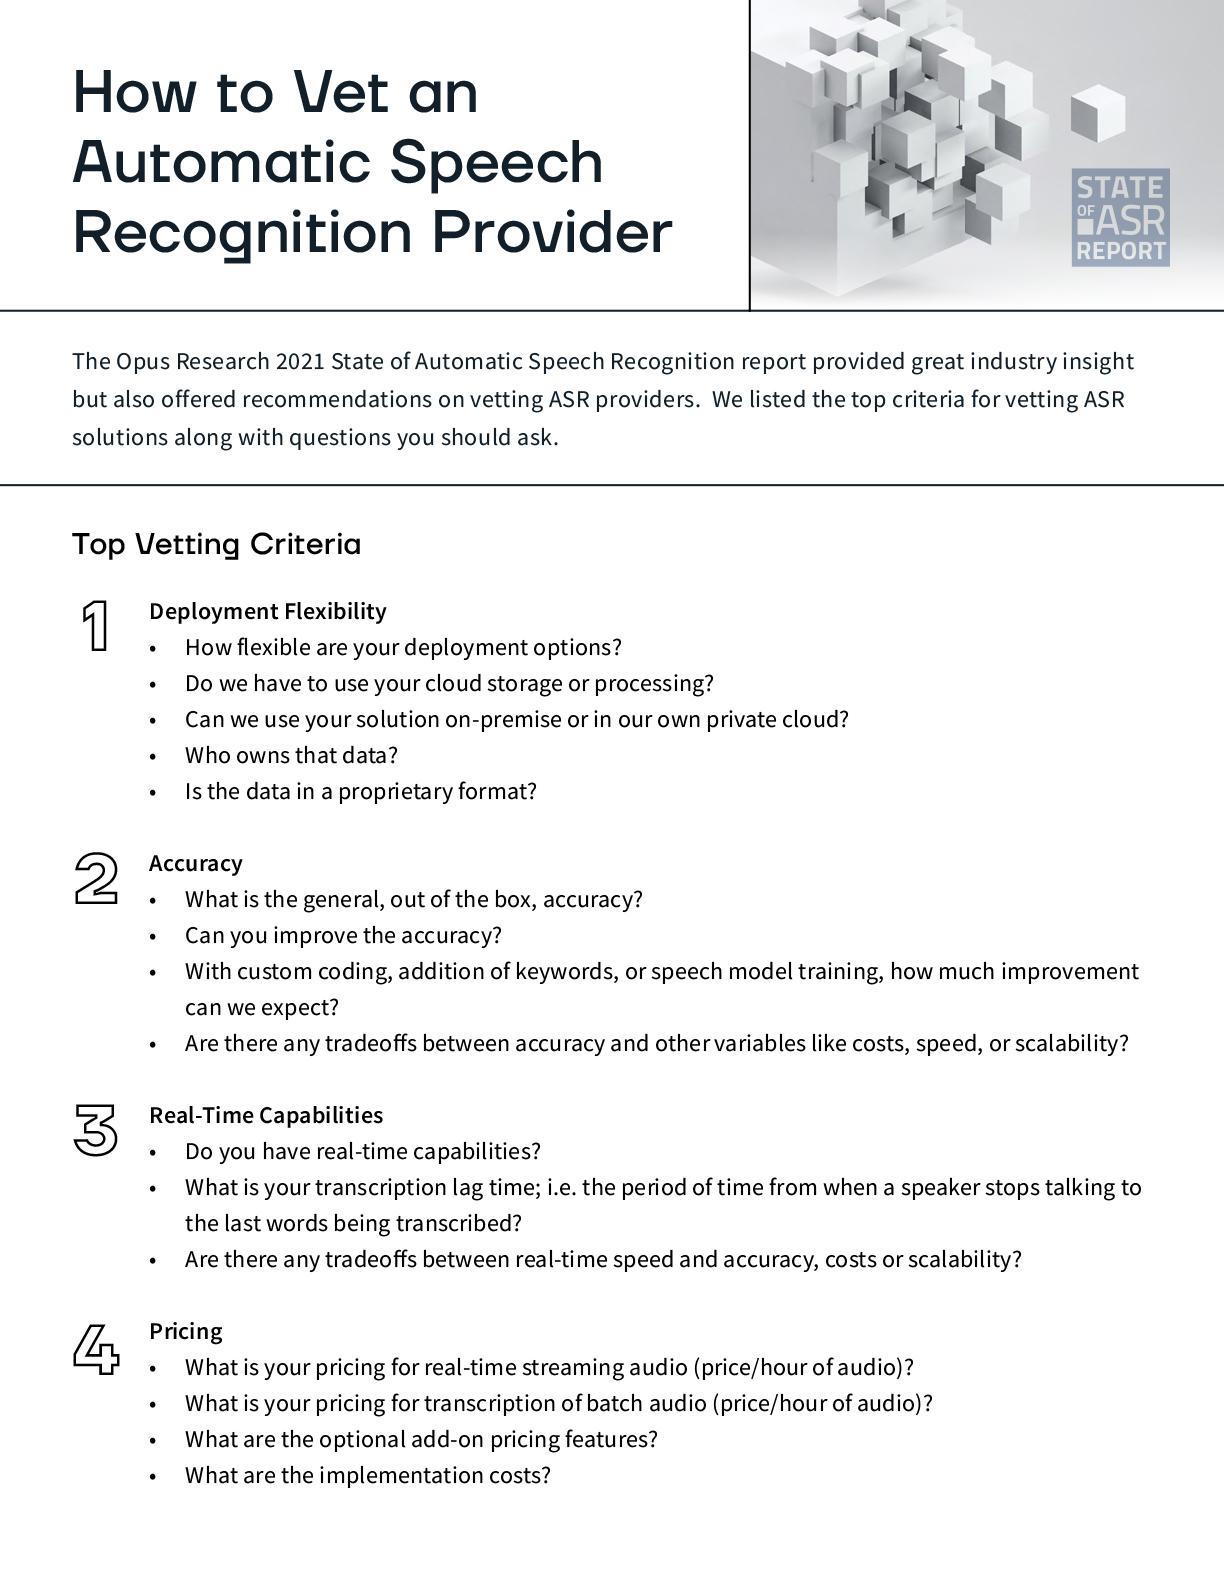 How to Vet an ASR Provider